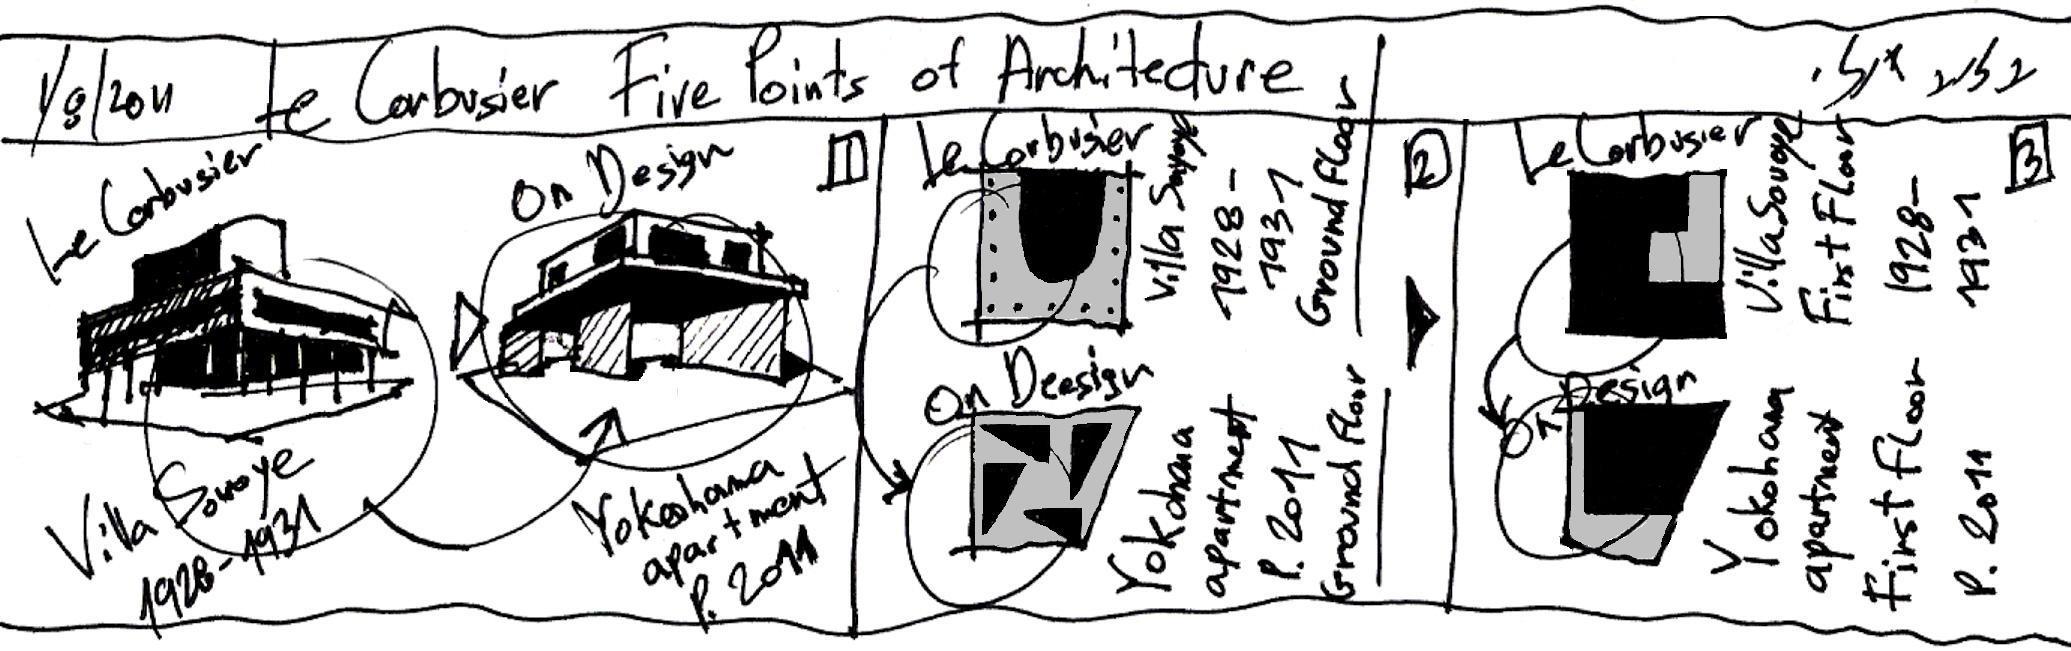 Le Corbusier Les 5 Points le corbusier – five points of architecture – the japanese